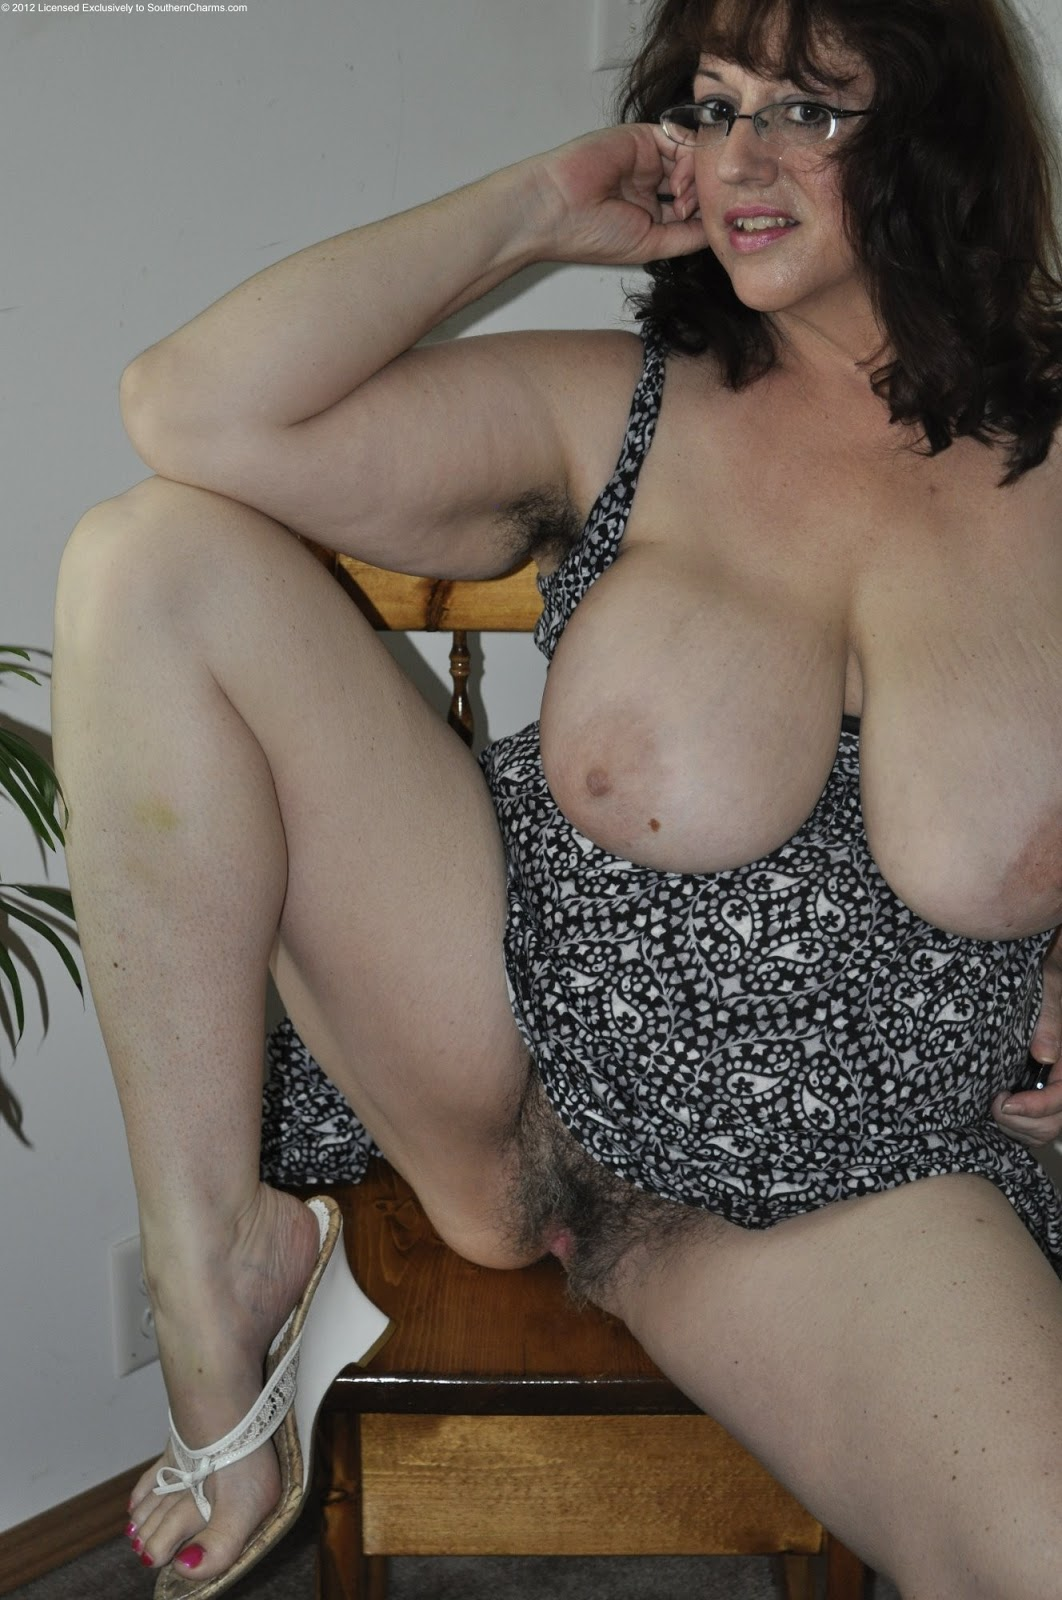 old hairy mature porn naket girld